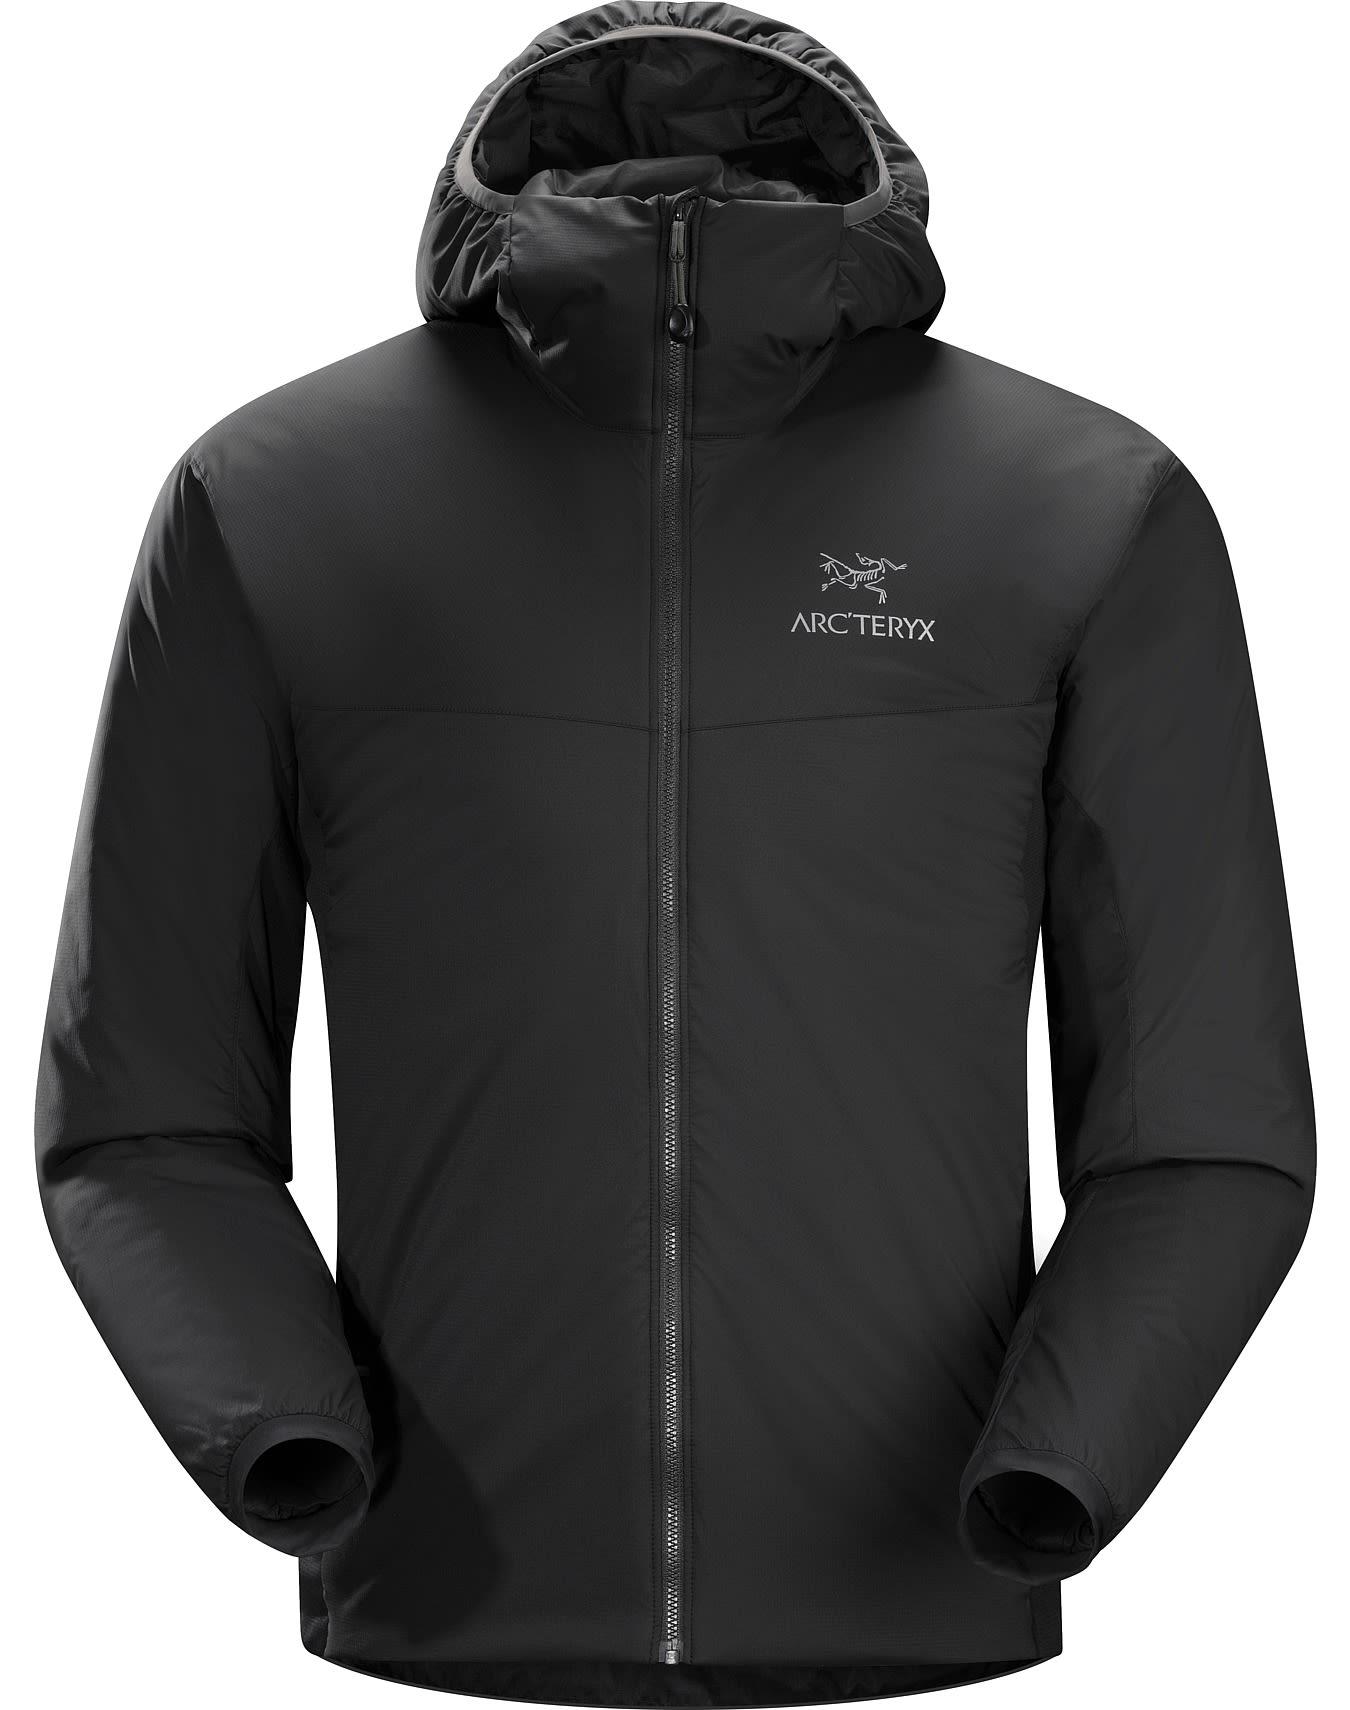 Arc'teryx Atom LT Hoody Ski Jacket ac3atlh02bk14zz-arcteryx-ski-jackets